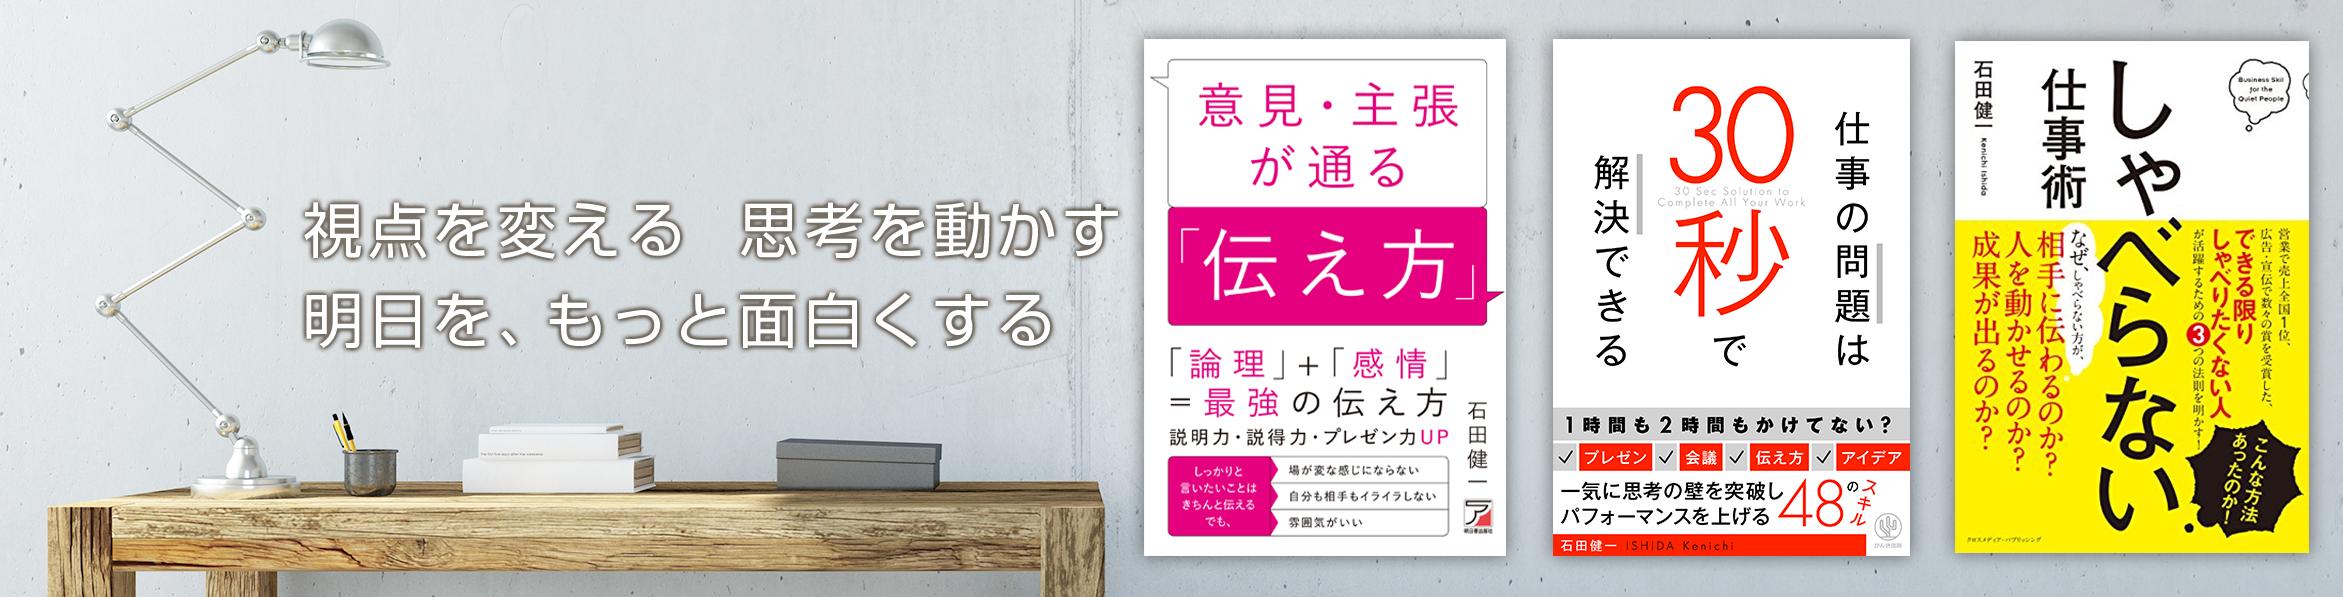 石田健一 ISHIDA KENICHI 著書 「仕事の問題は30秒で解決できる」(かんき出版)、「しゃべらない仕事術」(クロスメディア・パブリッシング) 現在、個人や企業を対象にパーソナルコーチとブランディングコンサルタントとして活躍。